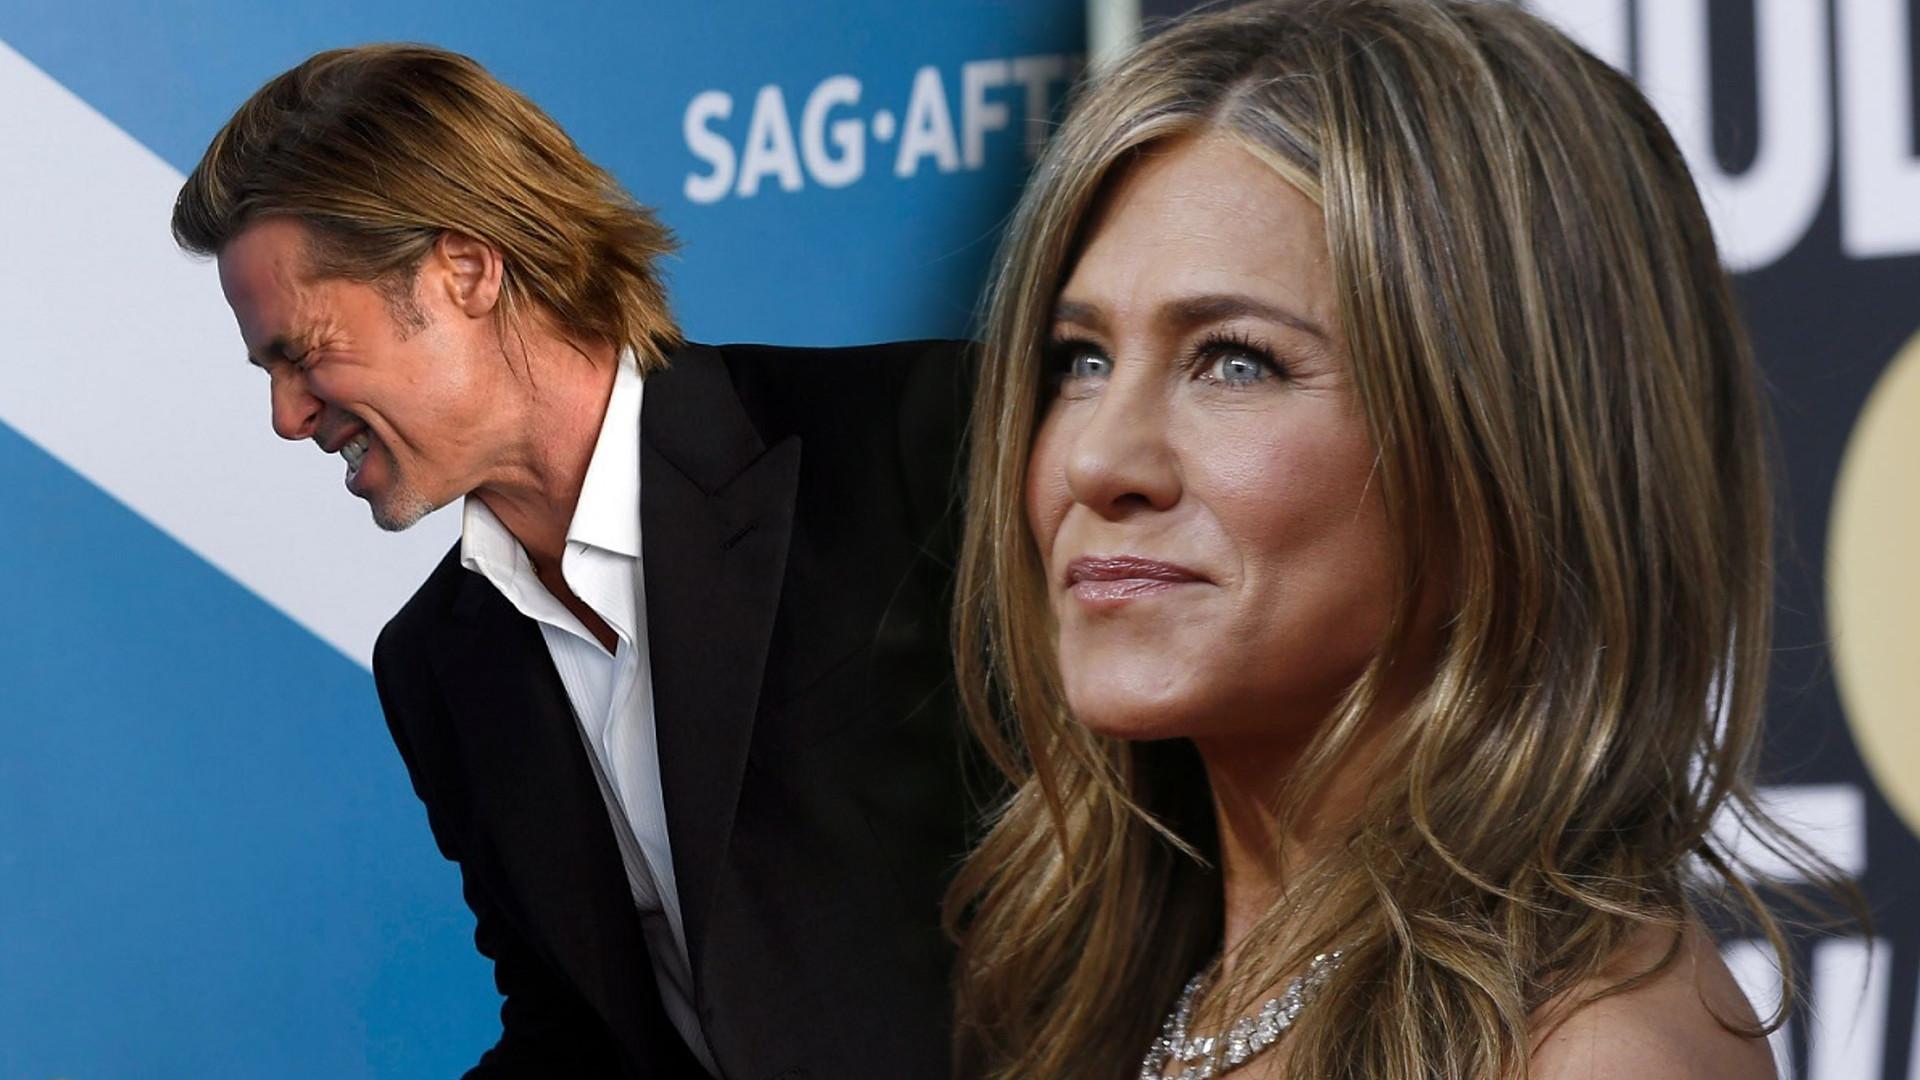 Jest COŚ JESZCZE, co ŁĄCZY Jennifer Aniston i Brada Pitta!